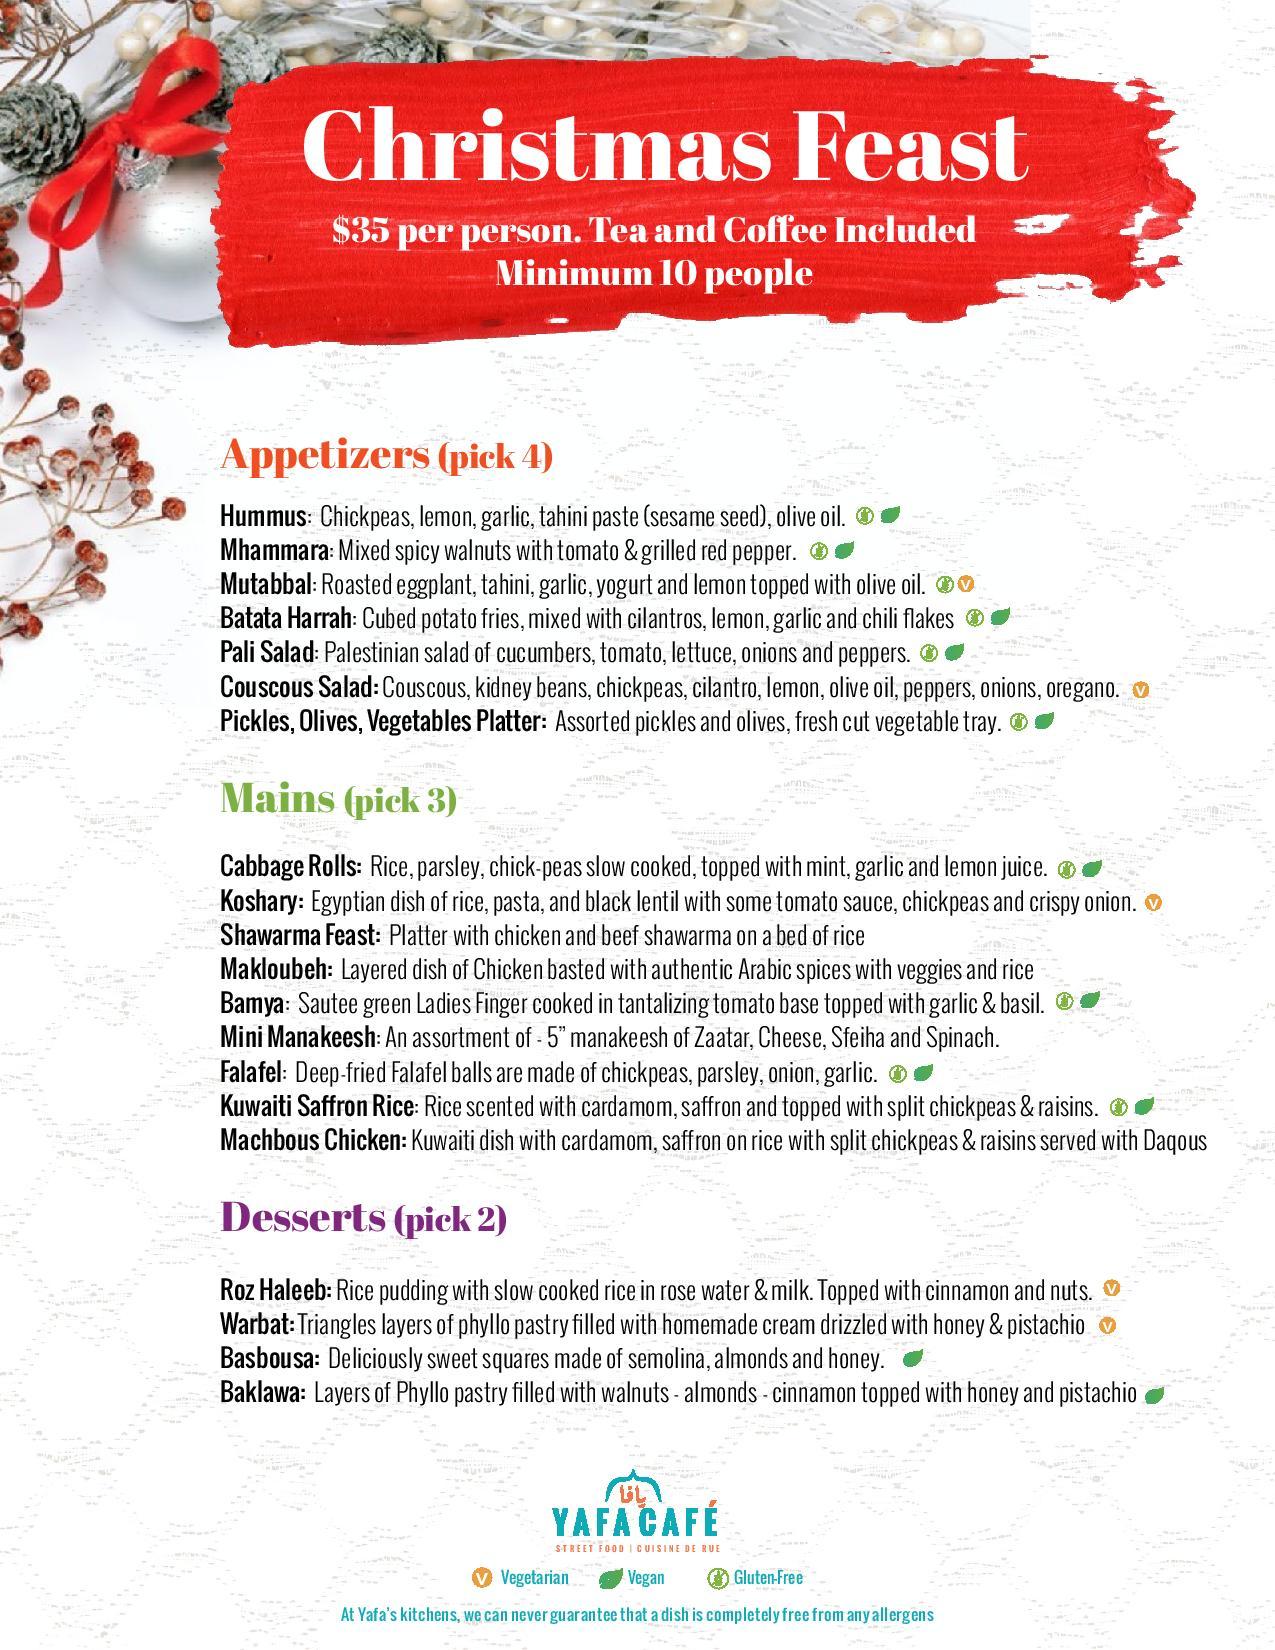 Yafa Café Christmas Season Catering